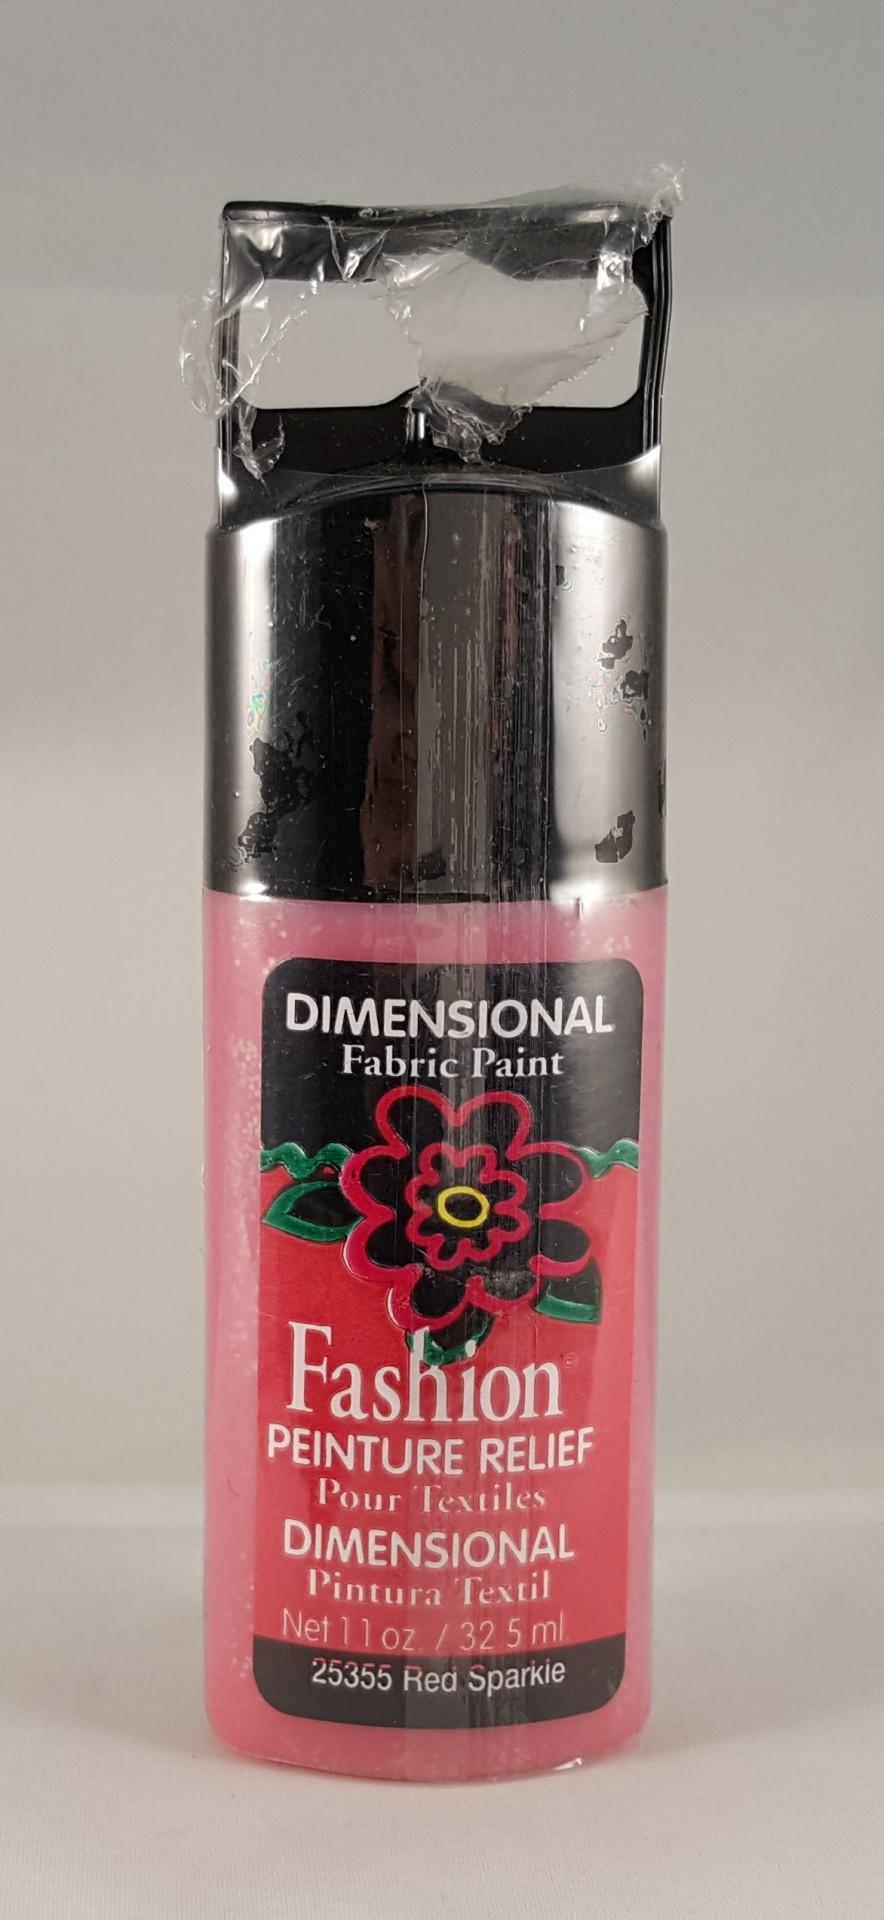 Tinta Dimensional para Tecido Fashion red sparkle